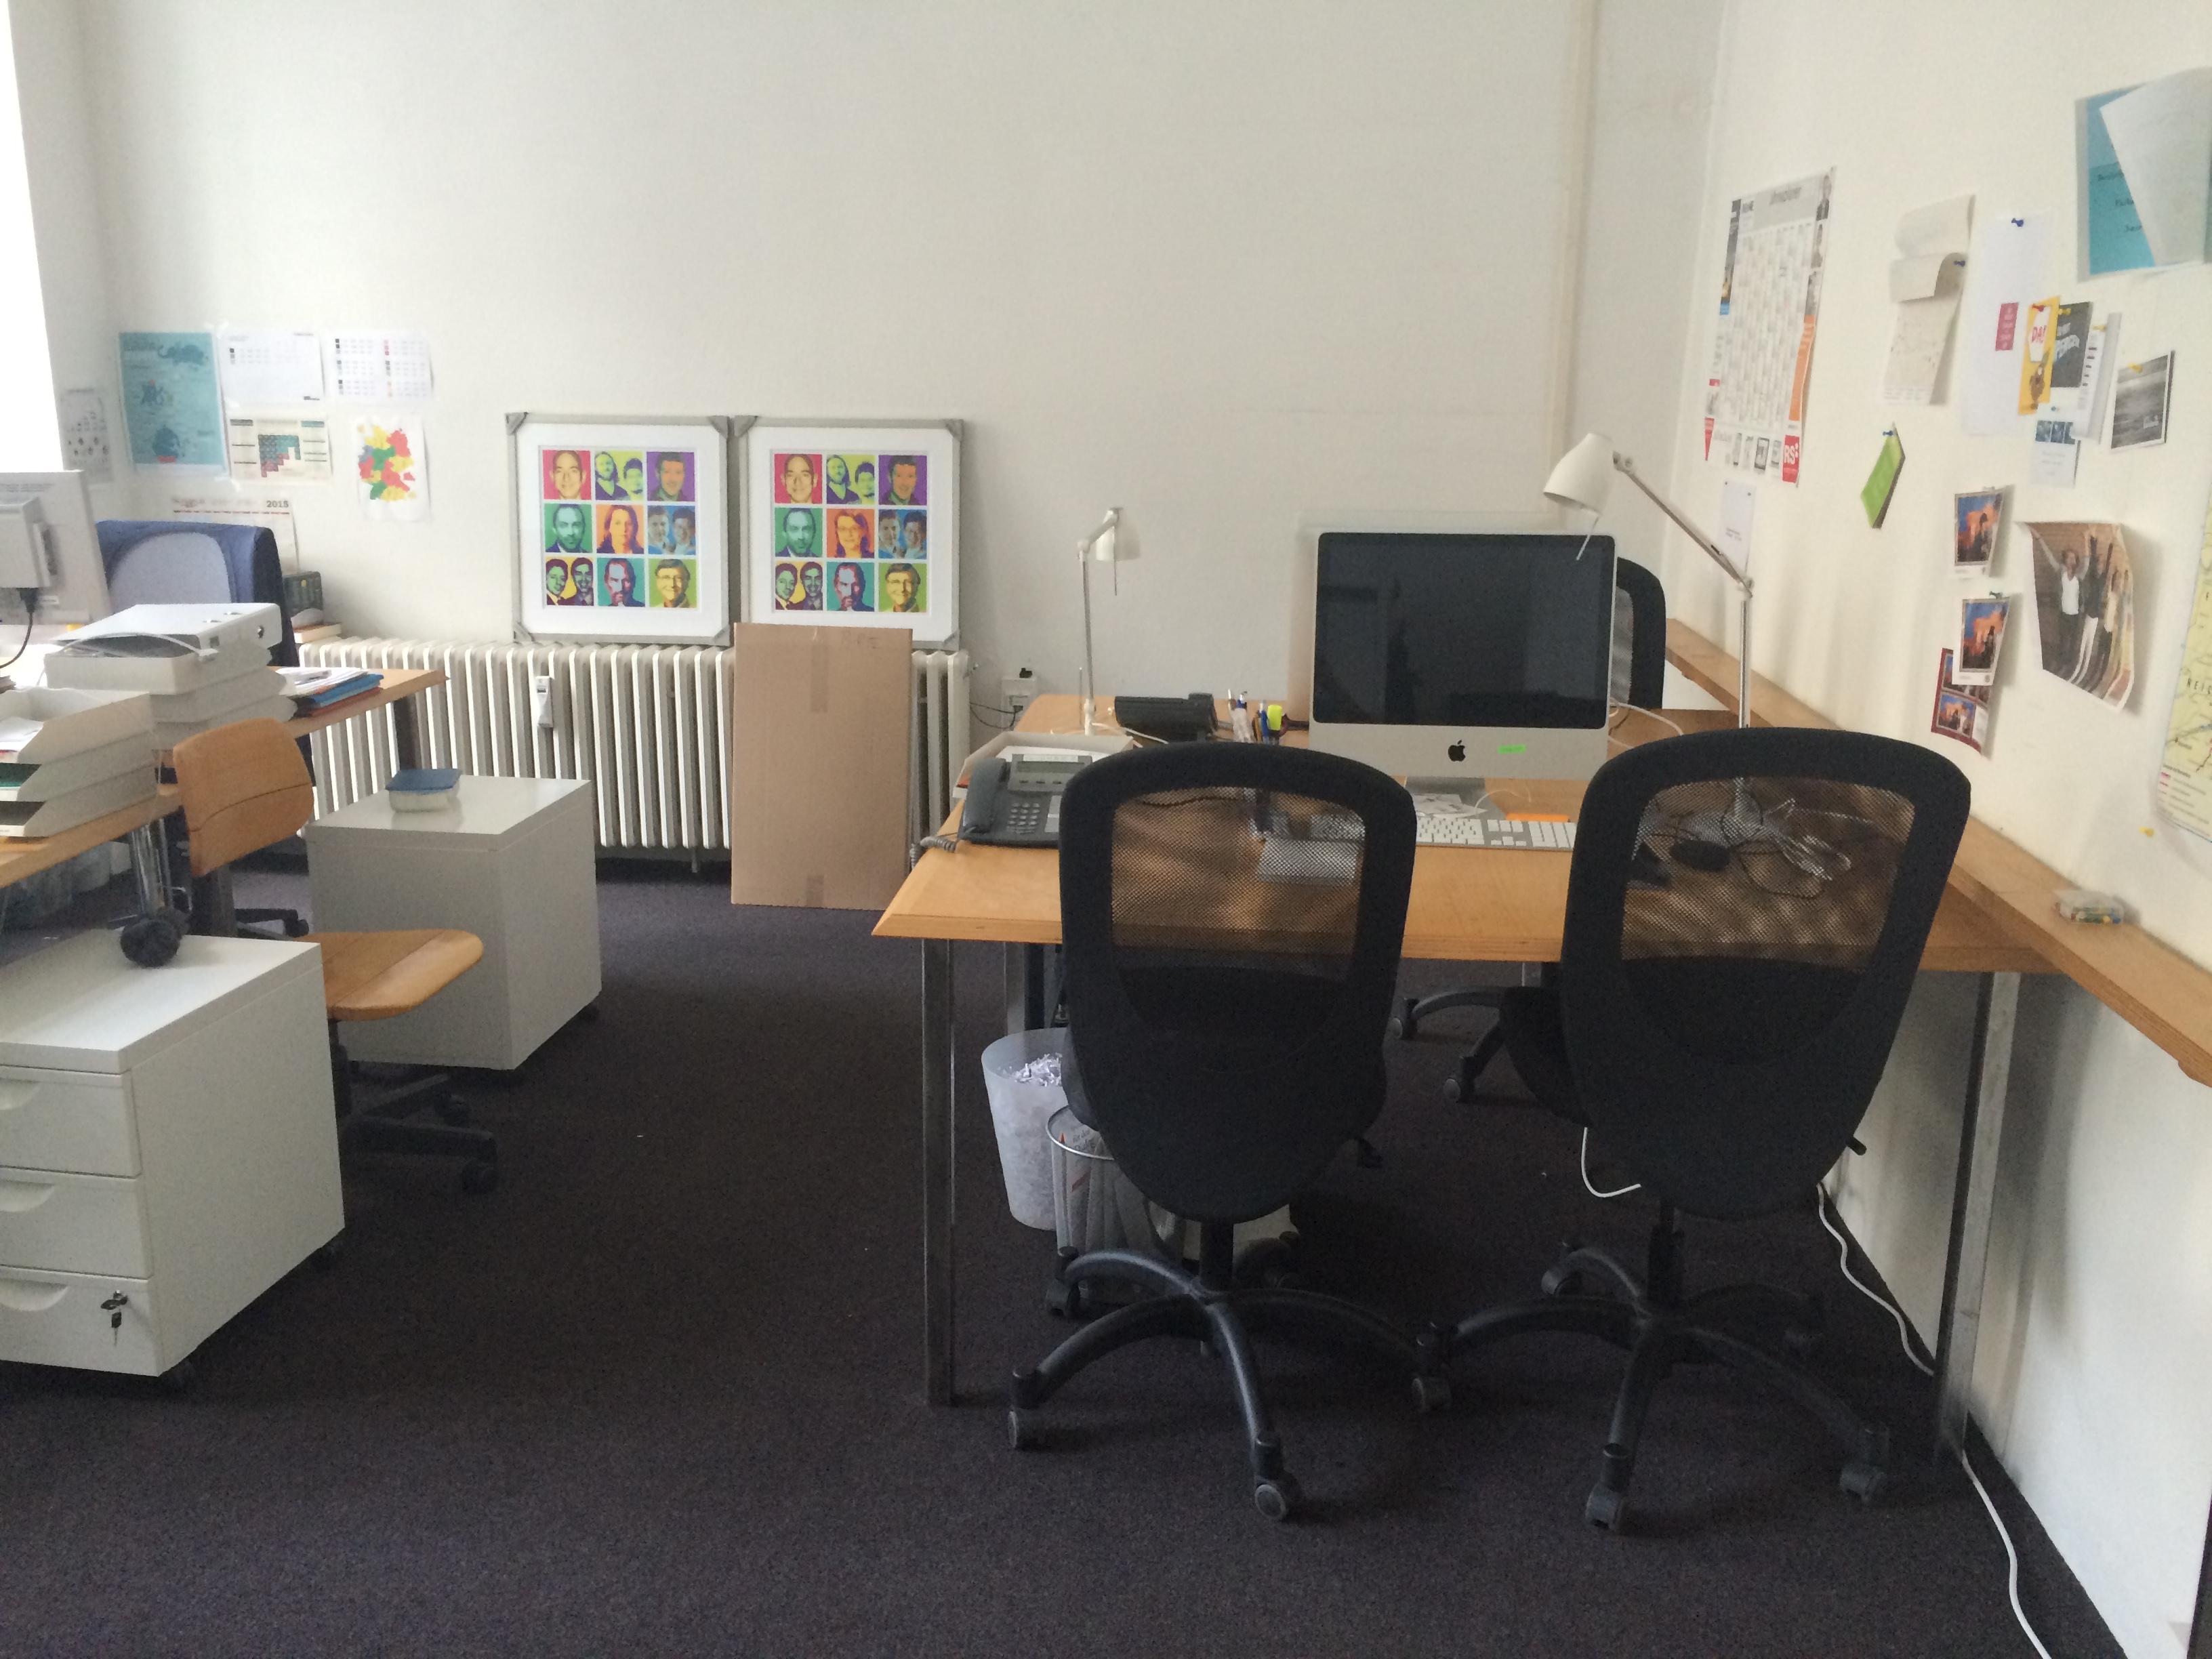 Bürogemeinschaft Berlin büroraum in bürogemeinschaft berlin startup offices